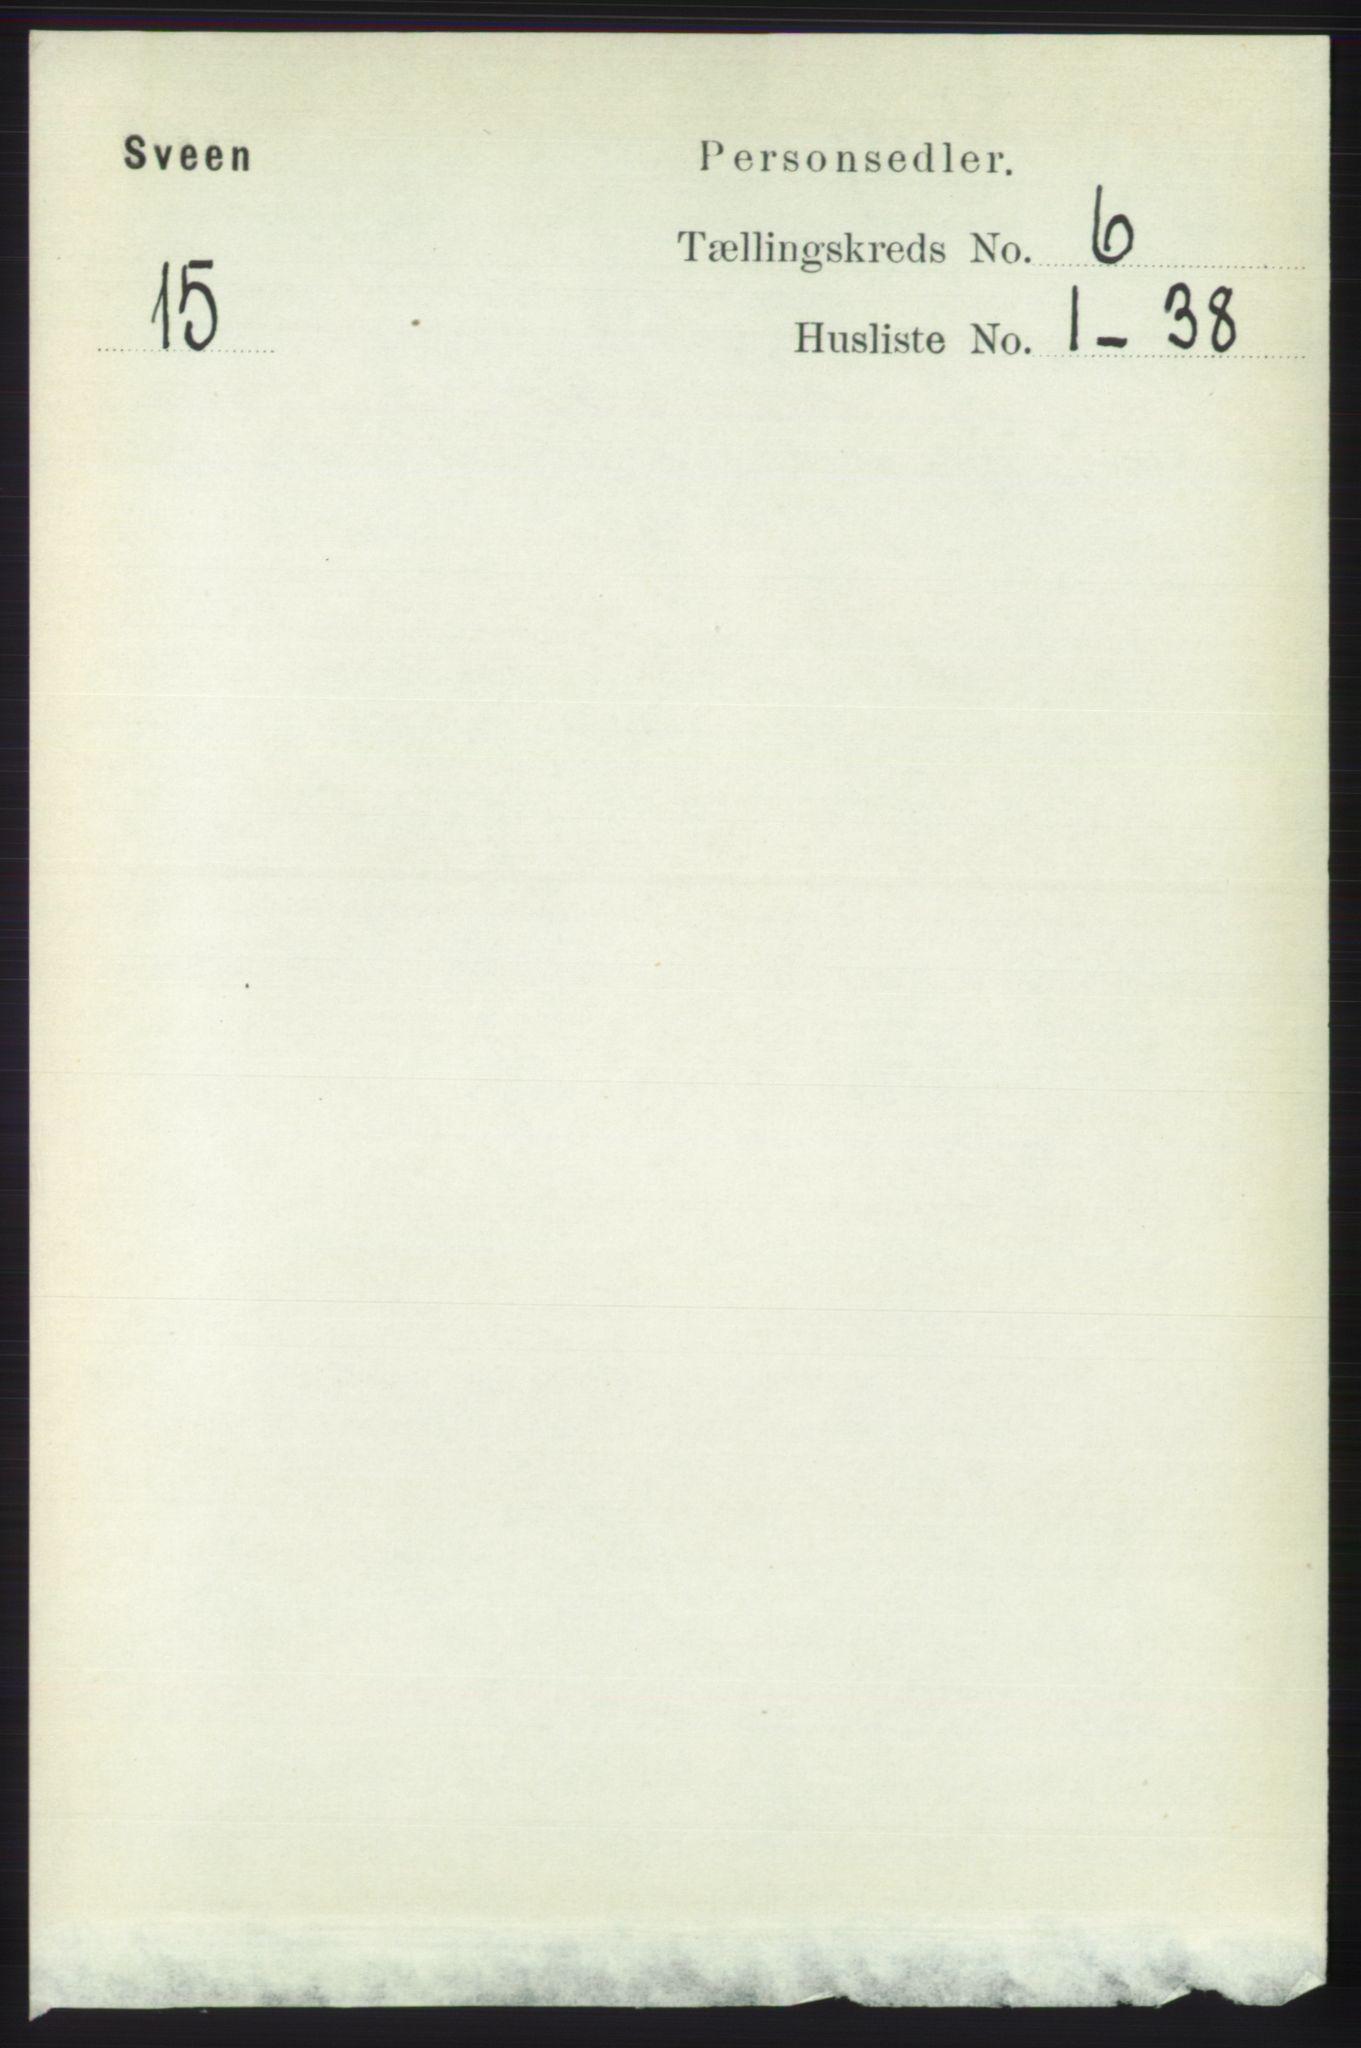 RA, Folketelling 1891 for 1216 Sveio herred, 1891, s. 1713